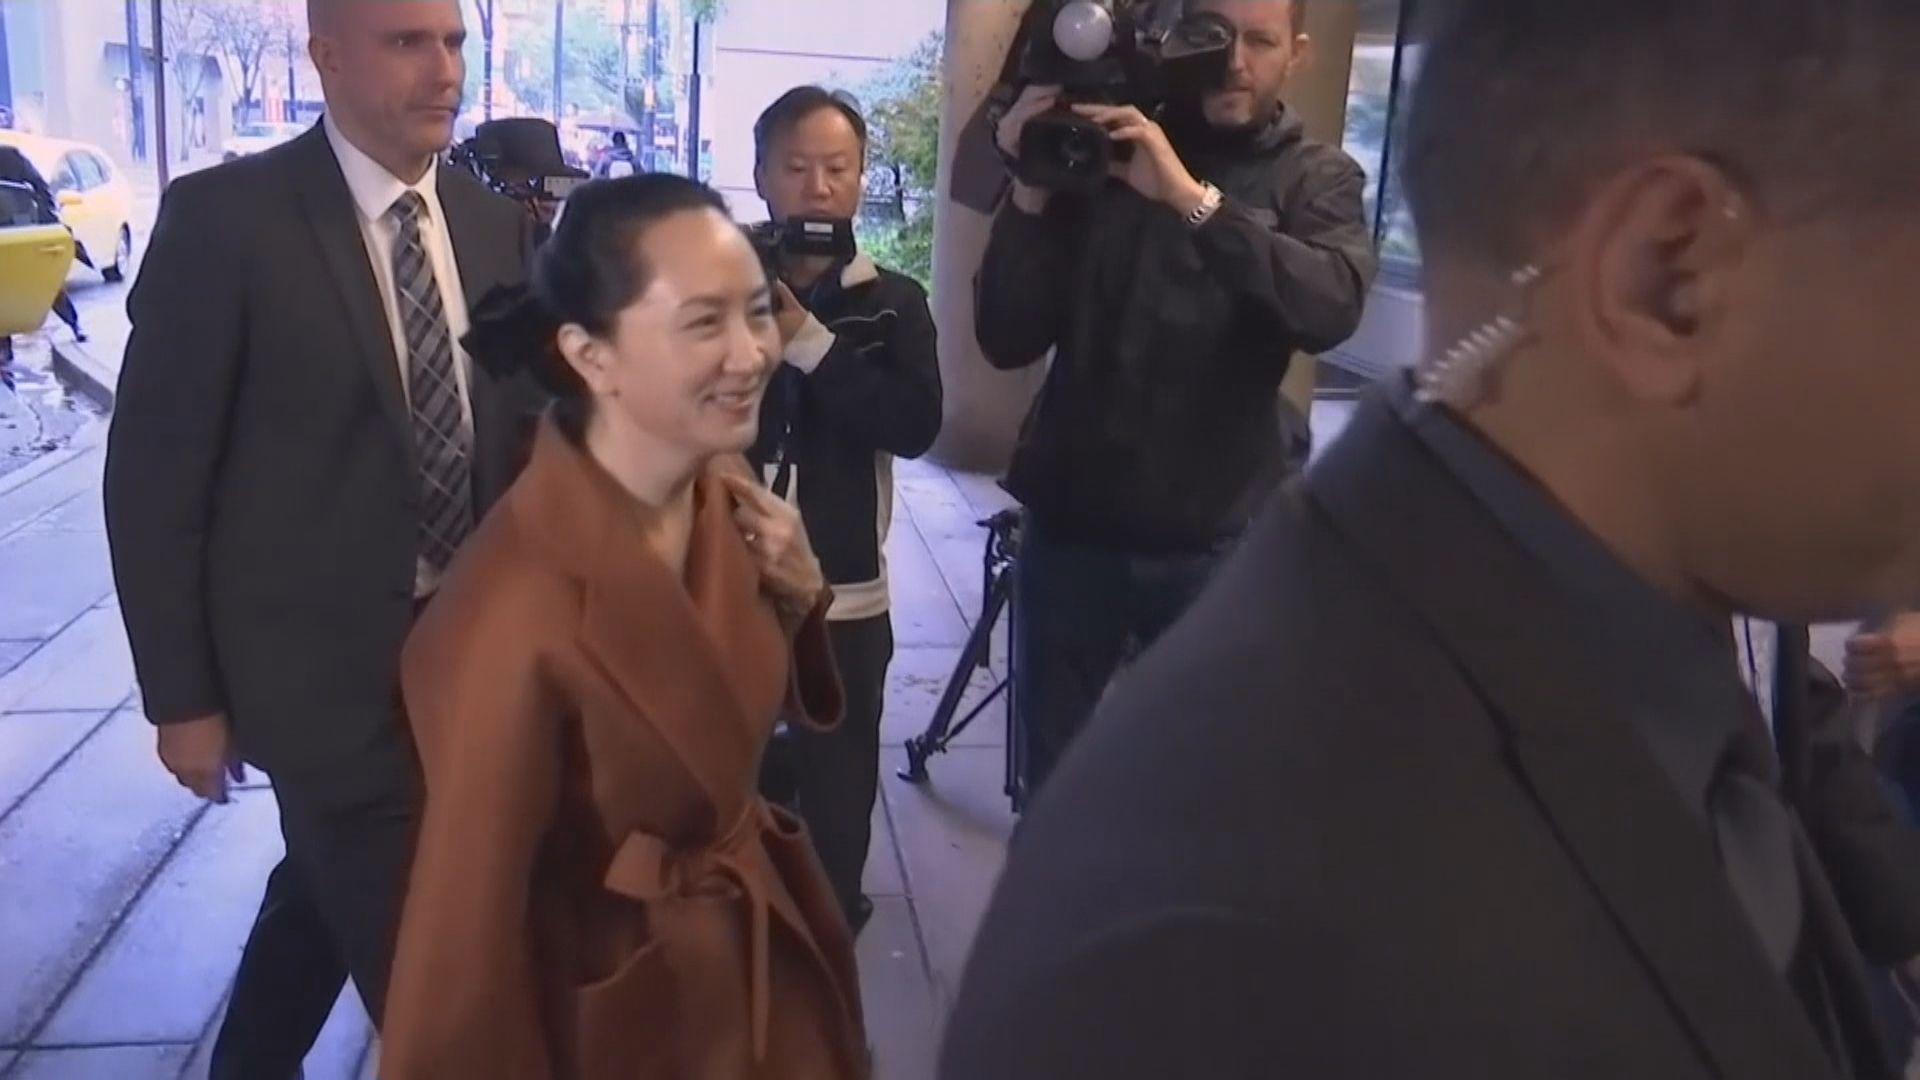 加拿大法院再審理孟晚舟終止引渡聆訊申請